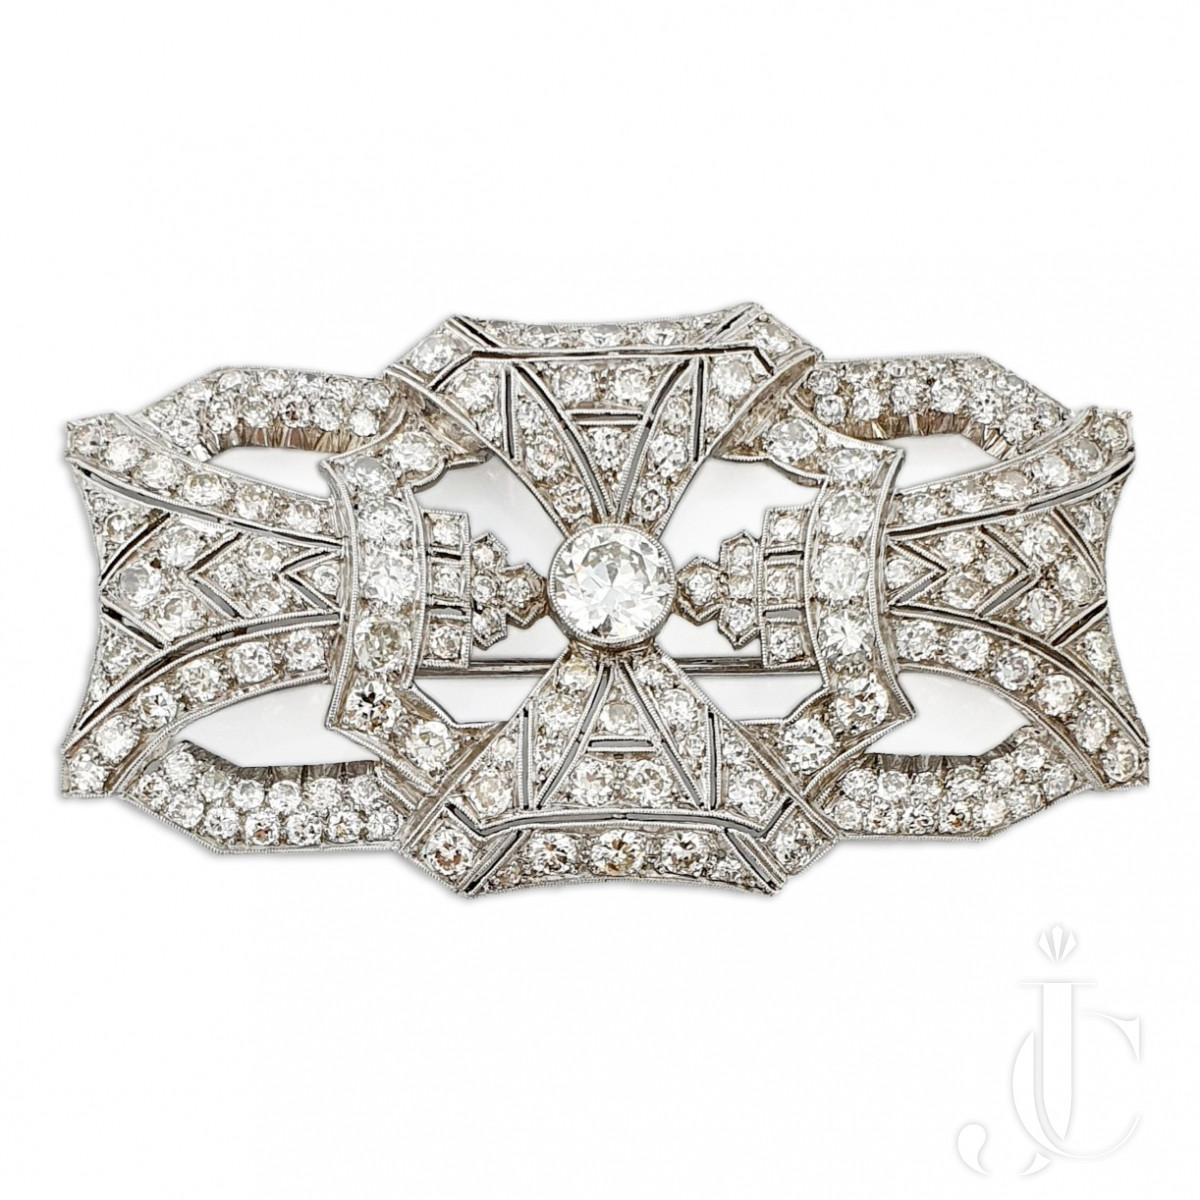 Art Deco Platinum Brooch